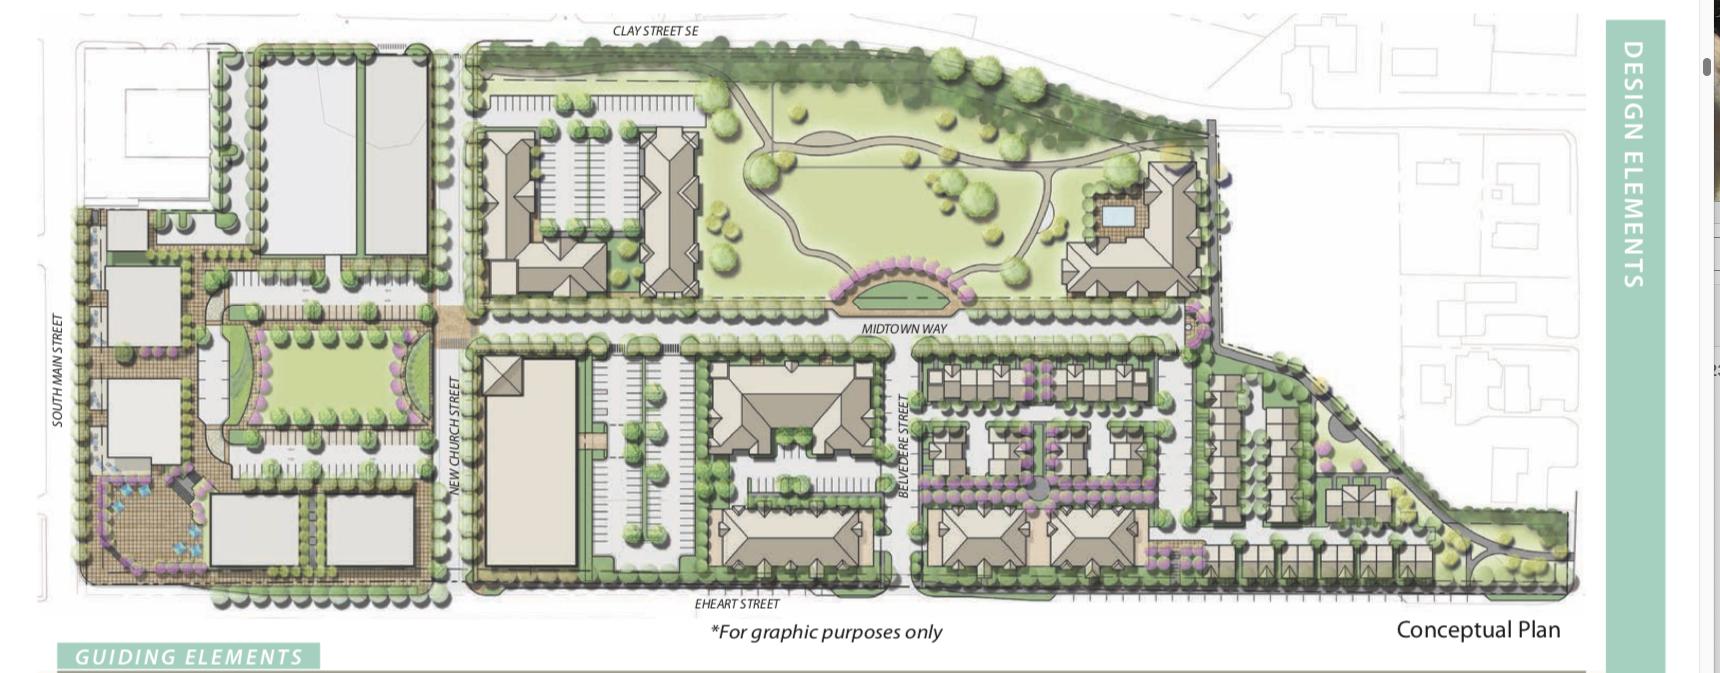 Midtown plan Jan 2019.png